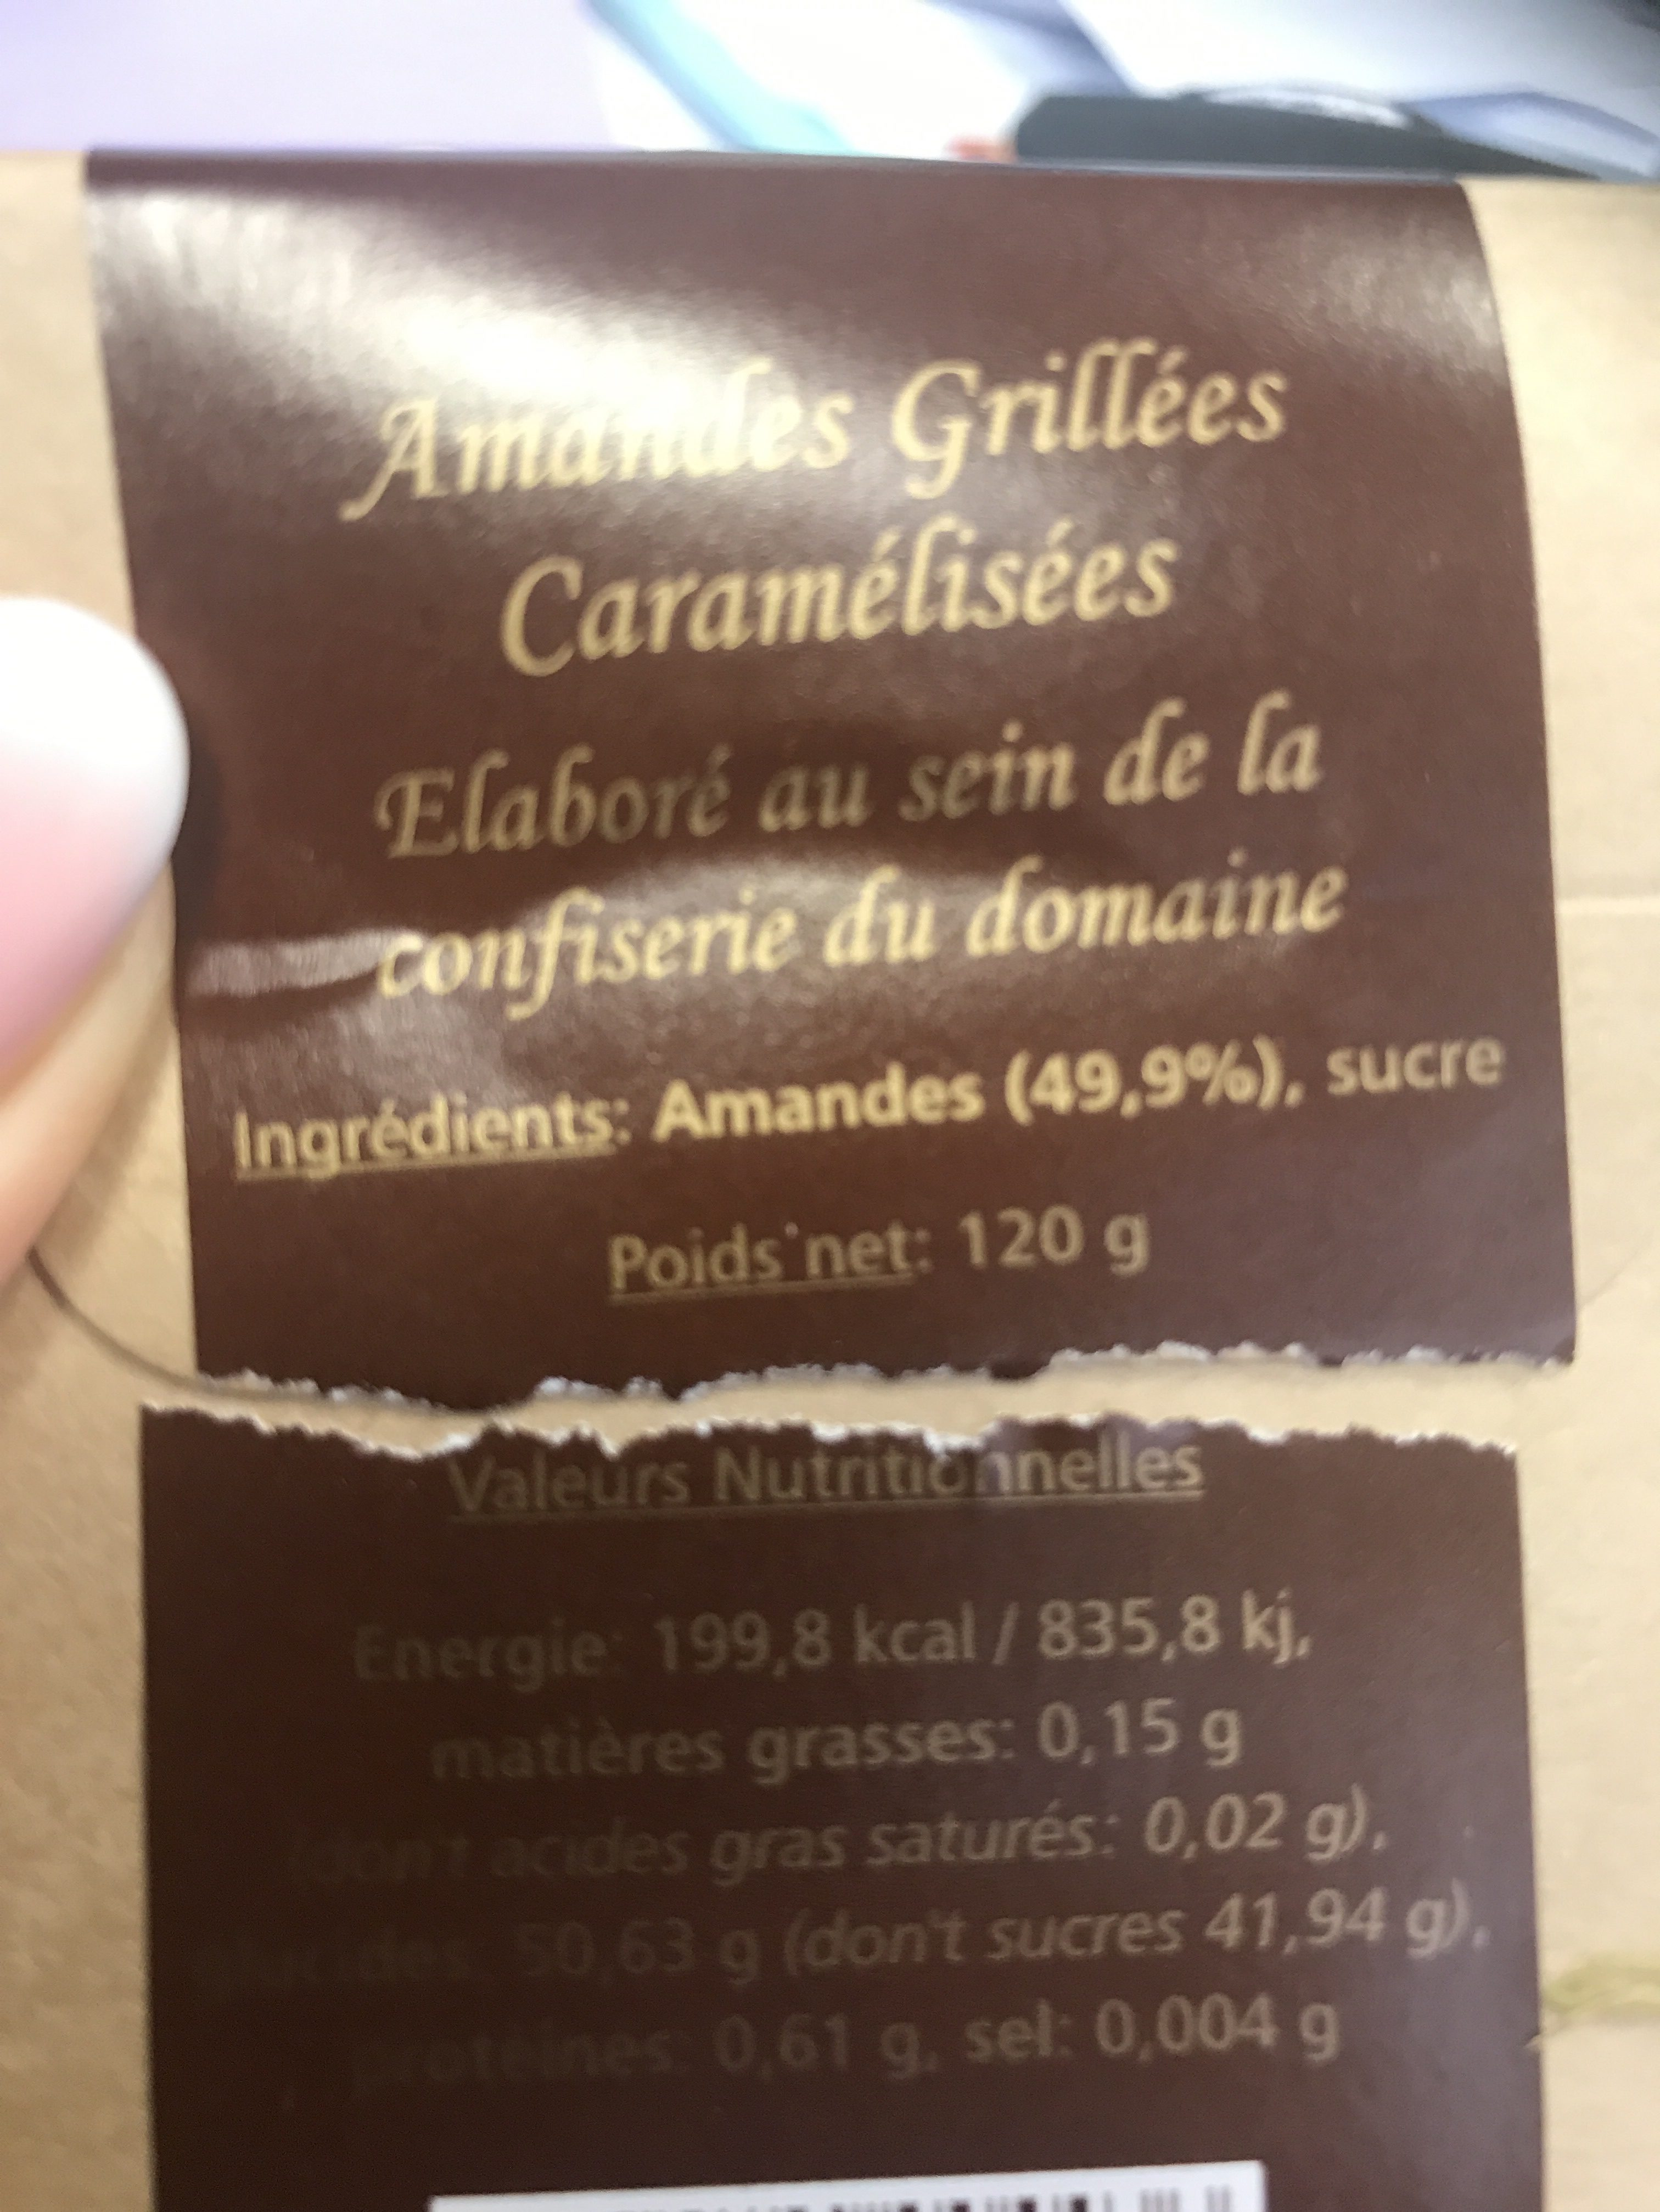 Amandes grillées caramélisées - Ingrédients